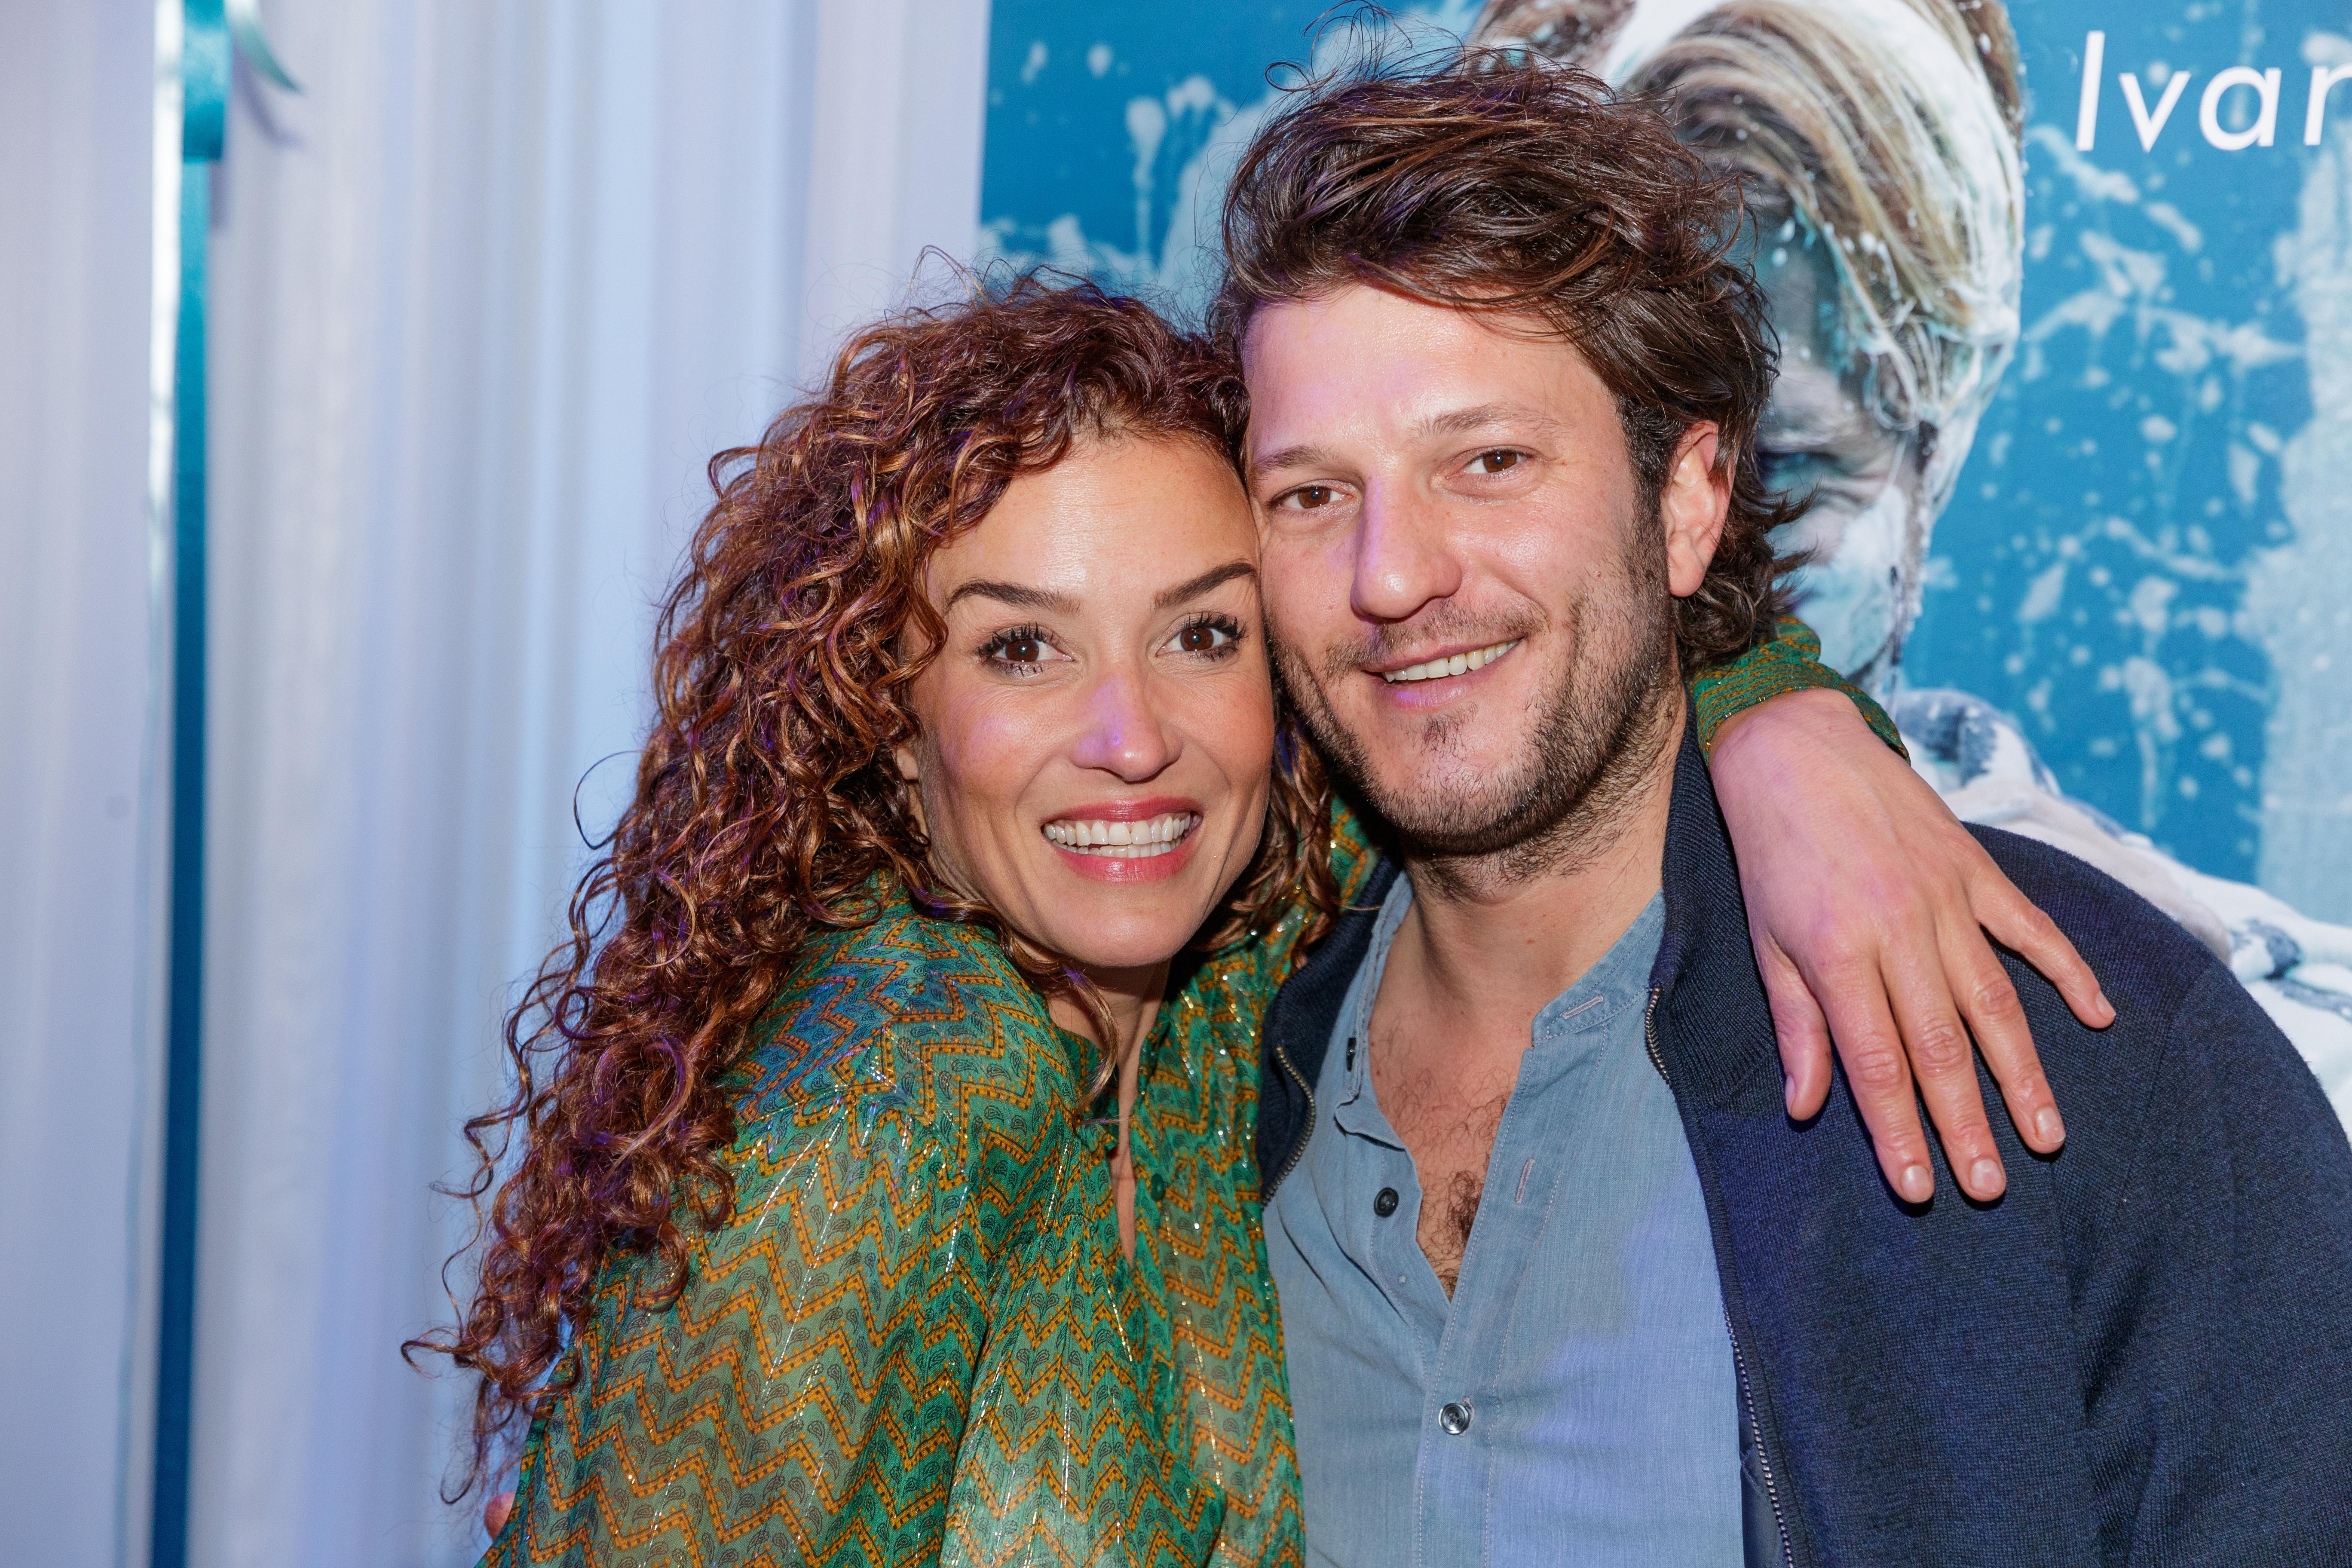 Uitnodigingen Bruiloft Katja Schuurman En Freek De Deur Uit